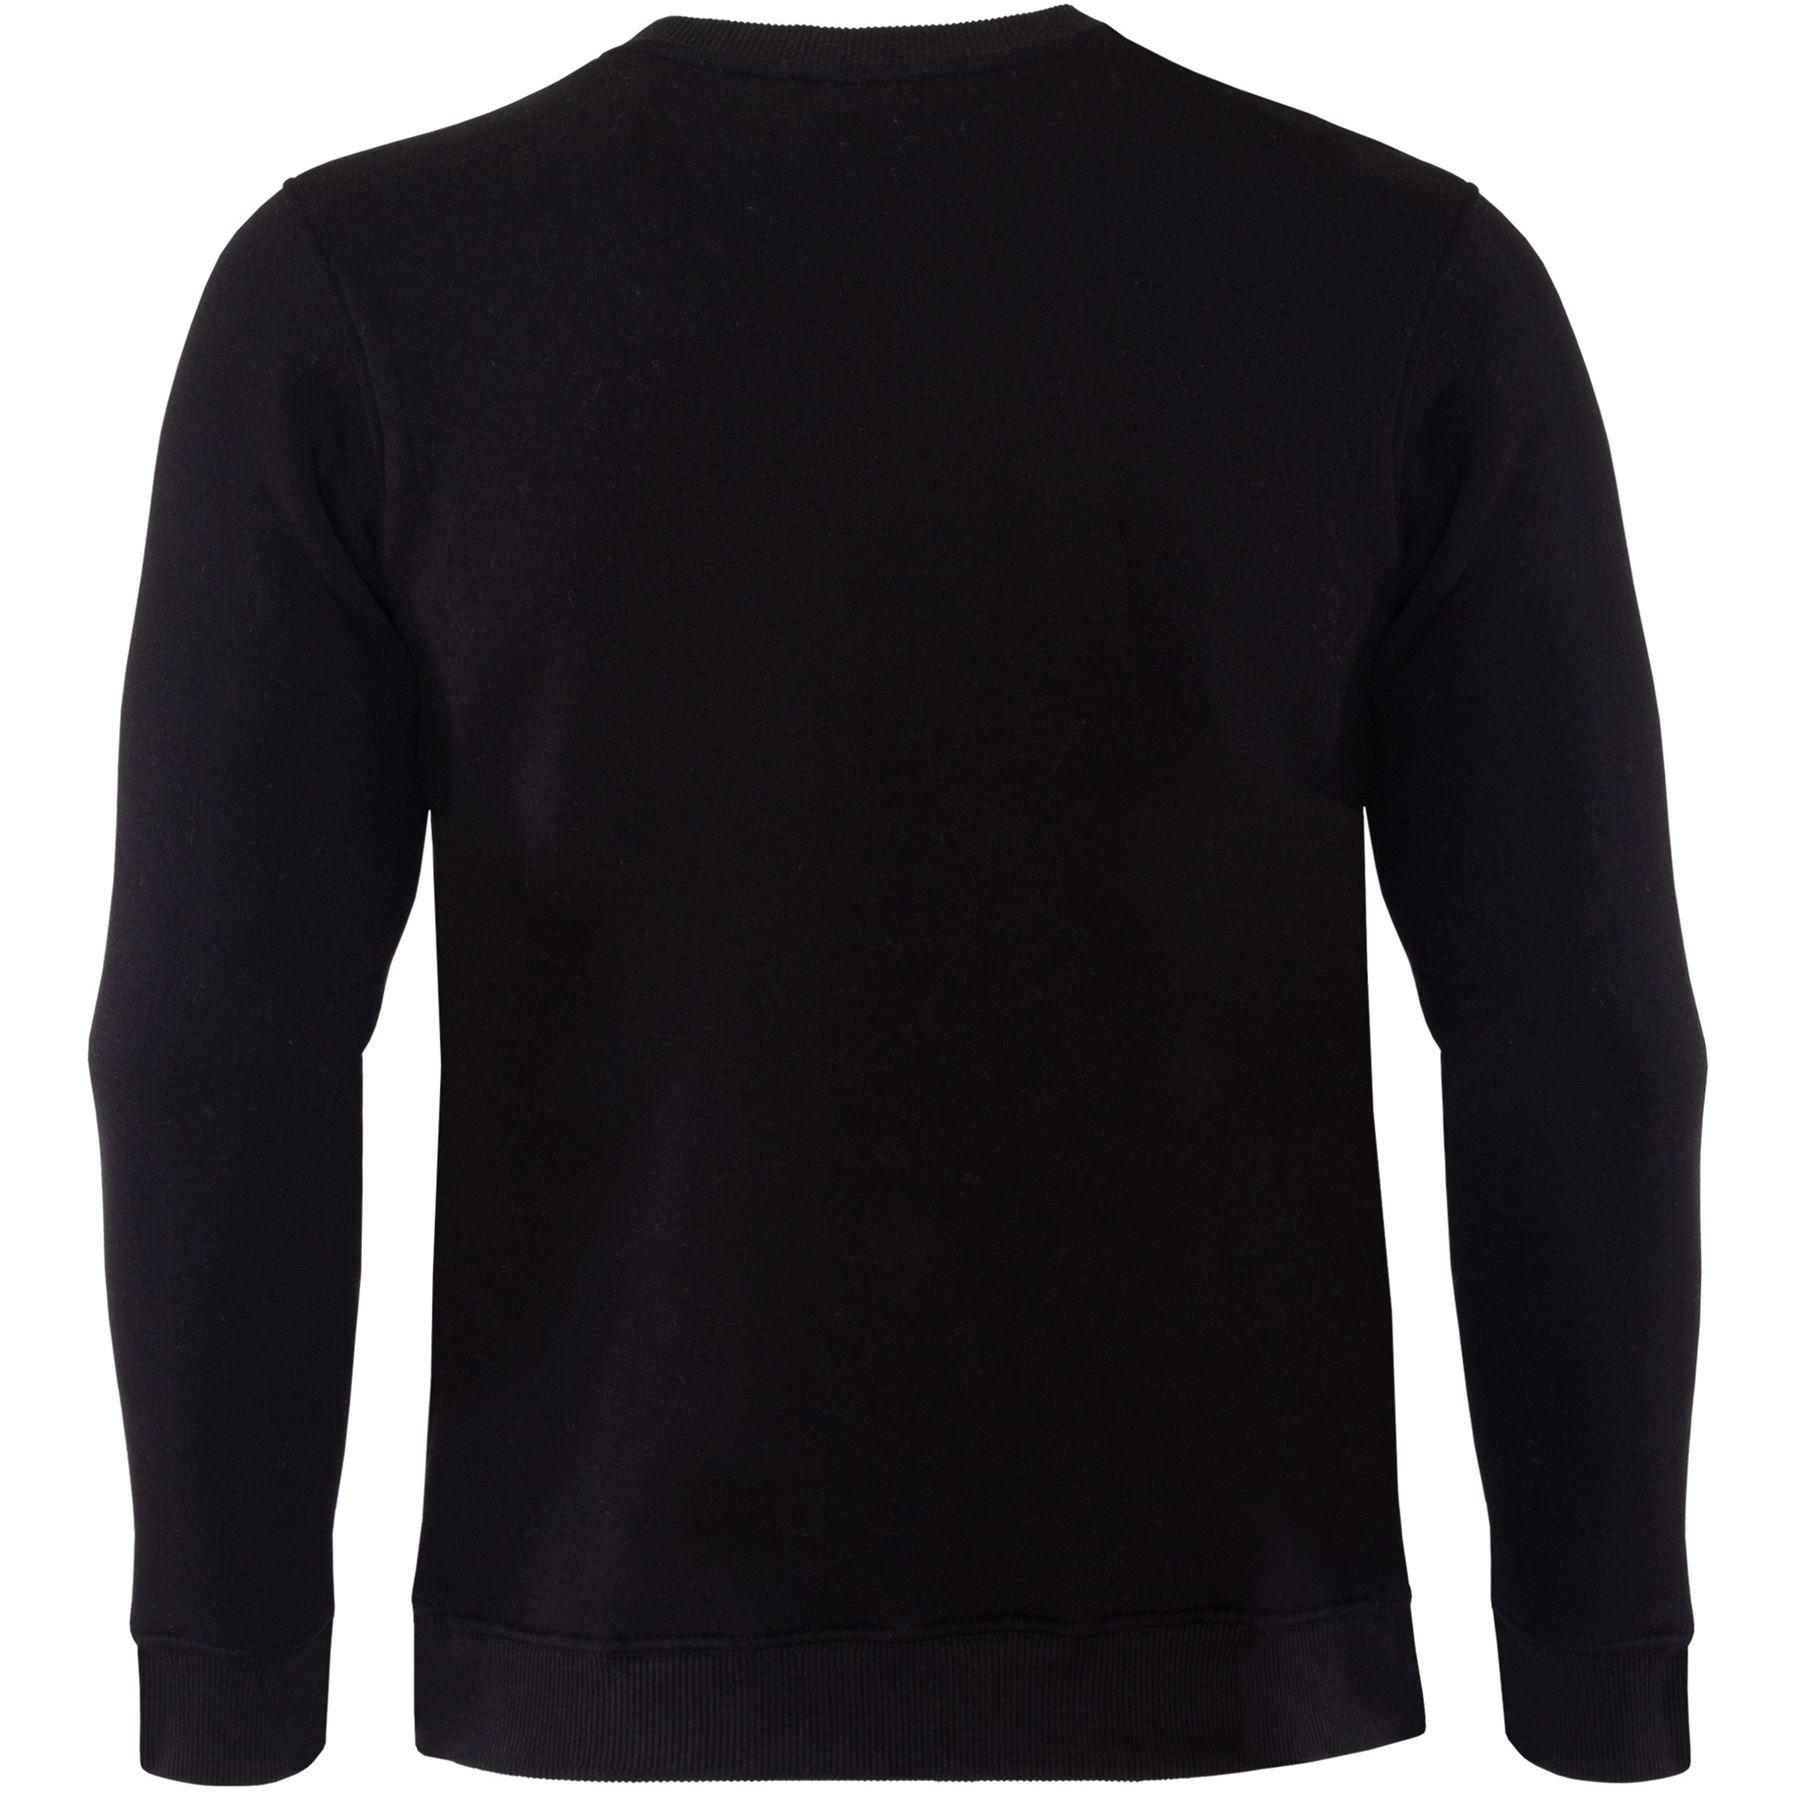 NUOVA linea uomo Felpa Plain Fleece Crew maglione a girocollo Lavoro Felpa Pullover Maglia Jersey